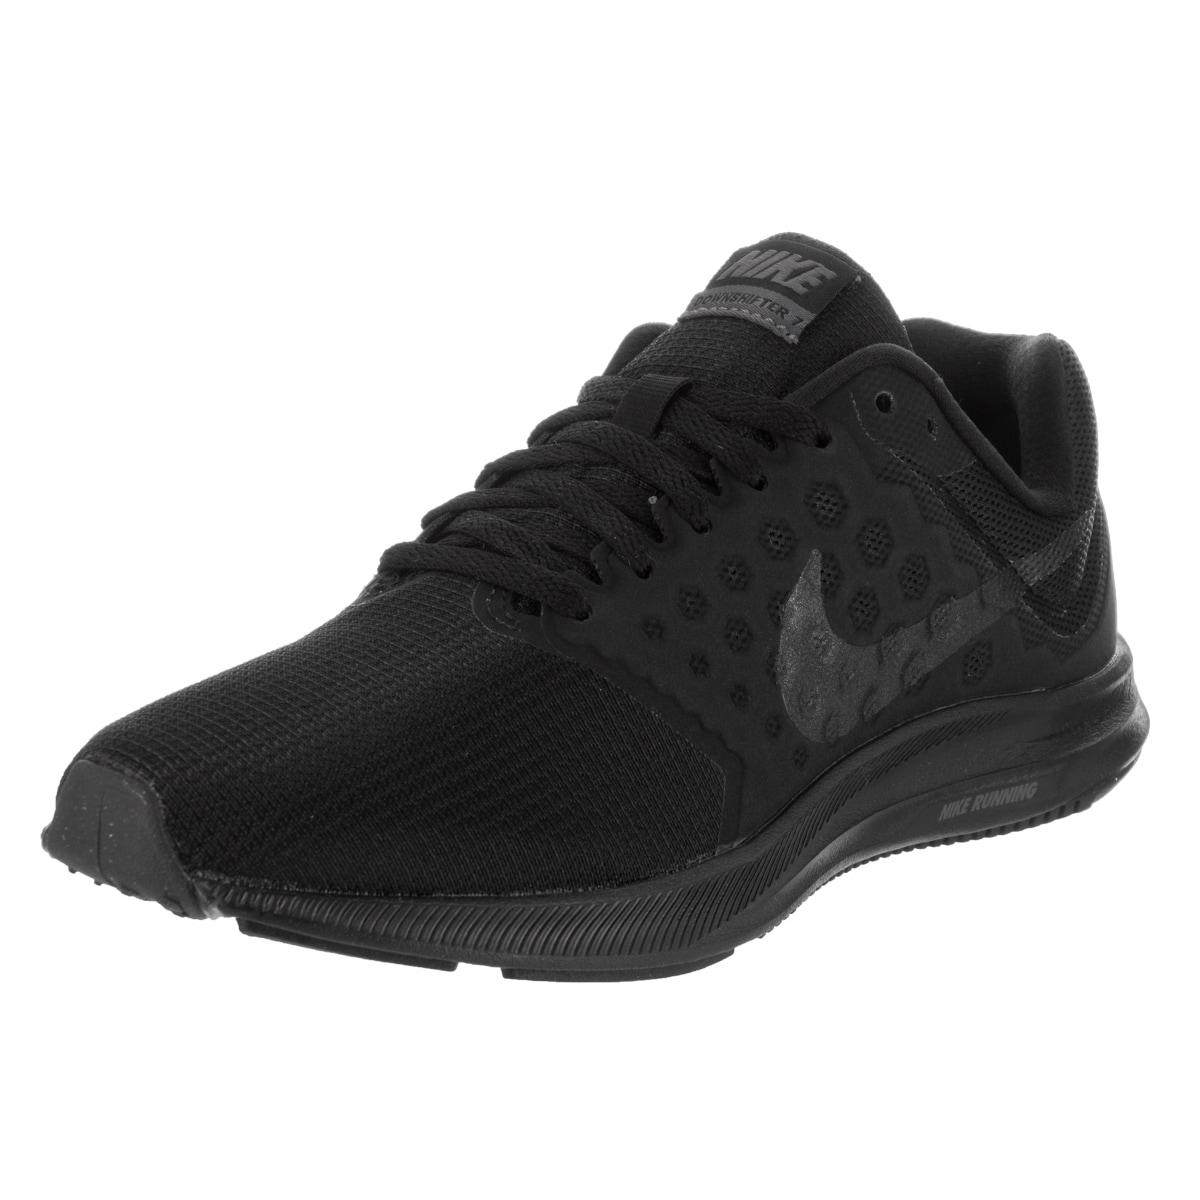 5b091118a Shop Nike Women s Downshifter 7 Black Running Shoe - Free Shipping ...